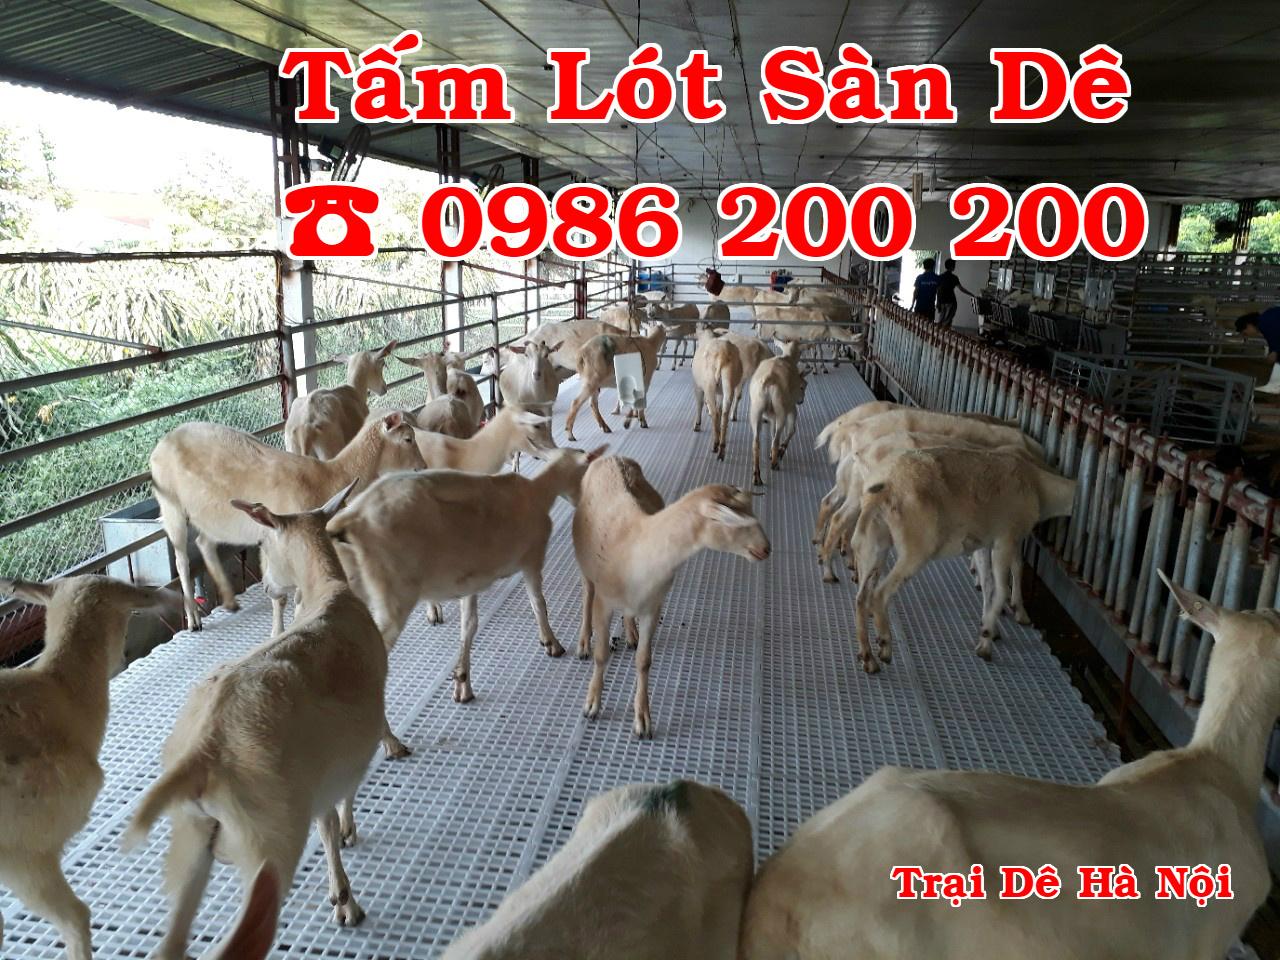 HCM-VT : Bán tấm nhựa lót sàn chuồng chó, mèo, heo, dê - 0986200200 - 21